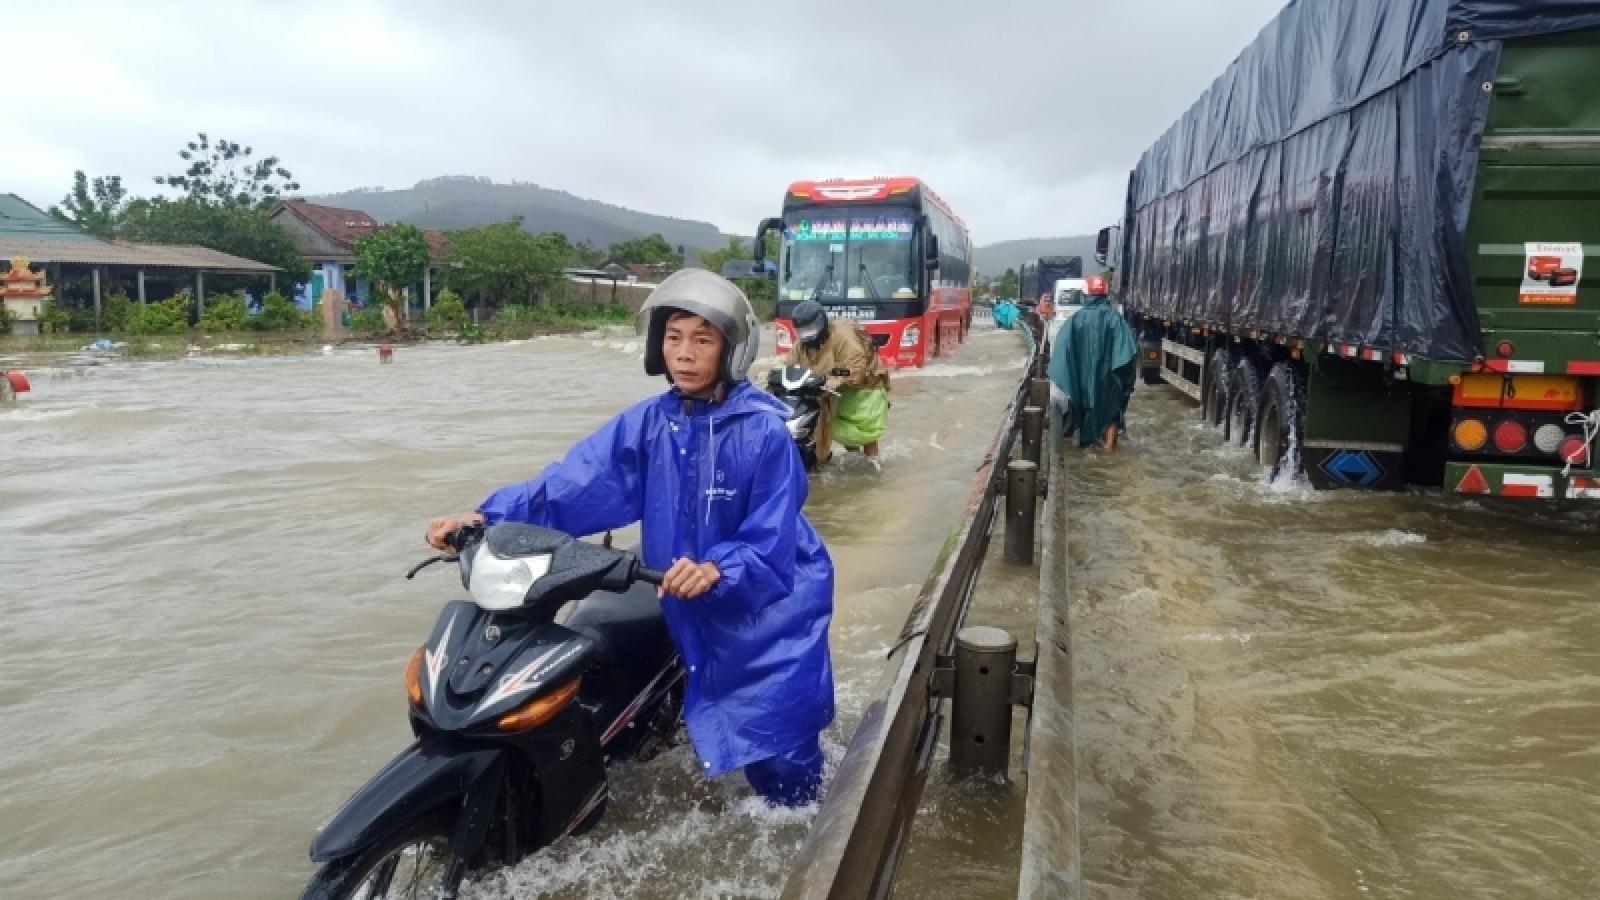 Nước các sông đang lên, Quốc lộ 1A đoạn qua Thừa Thiên Huế bị ngập sâu